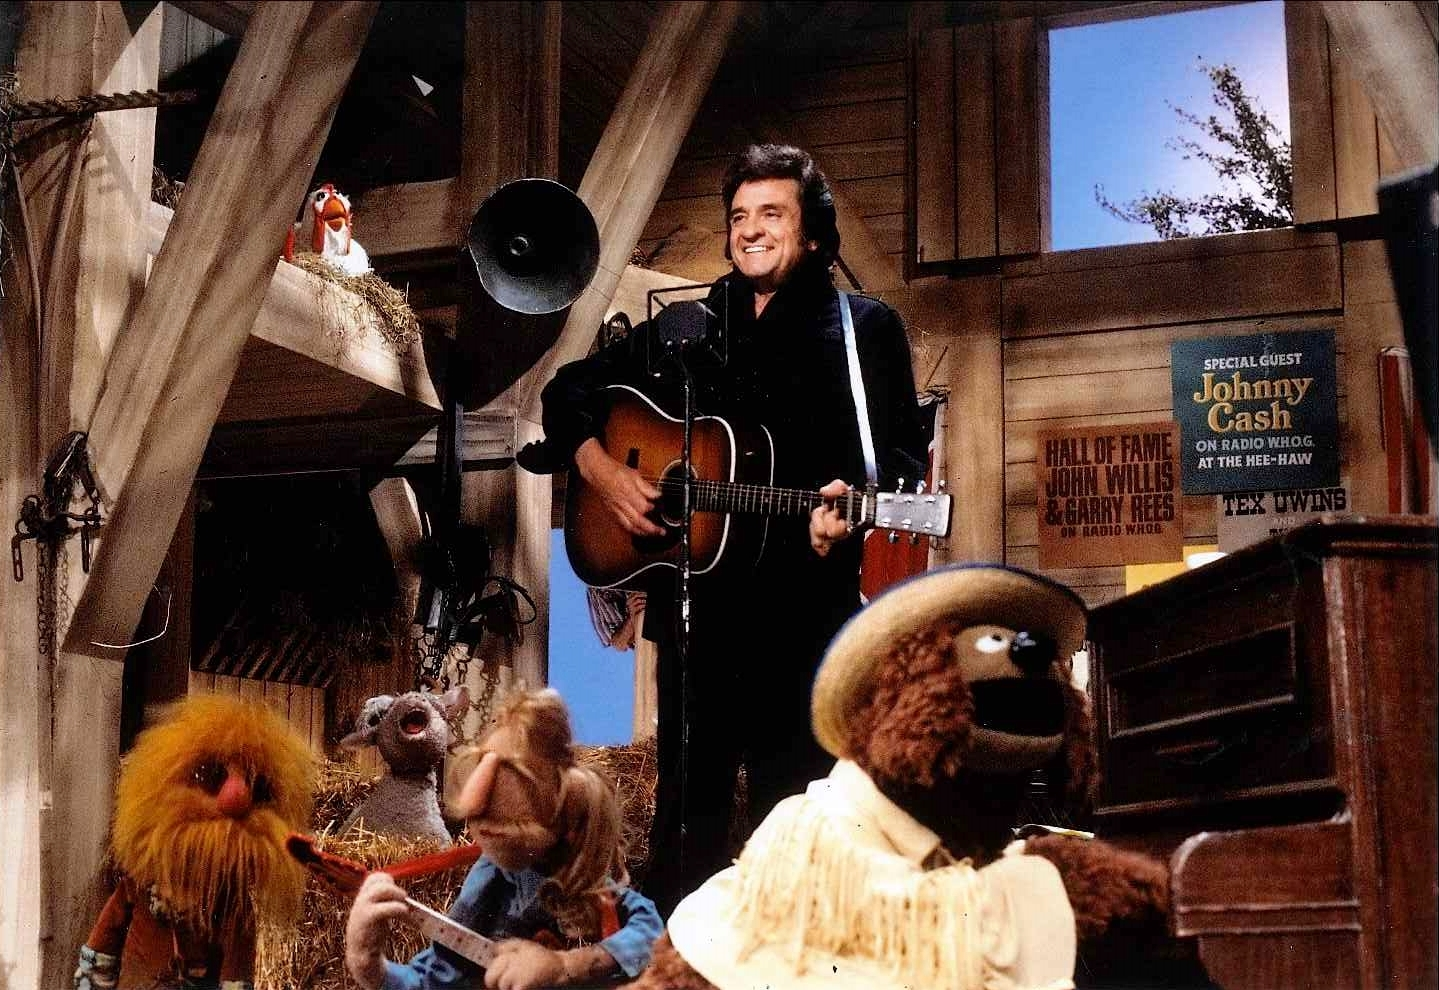 Episode 521: Johnny Cash